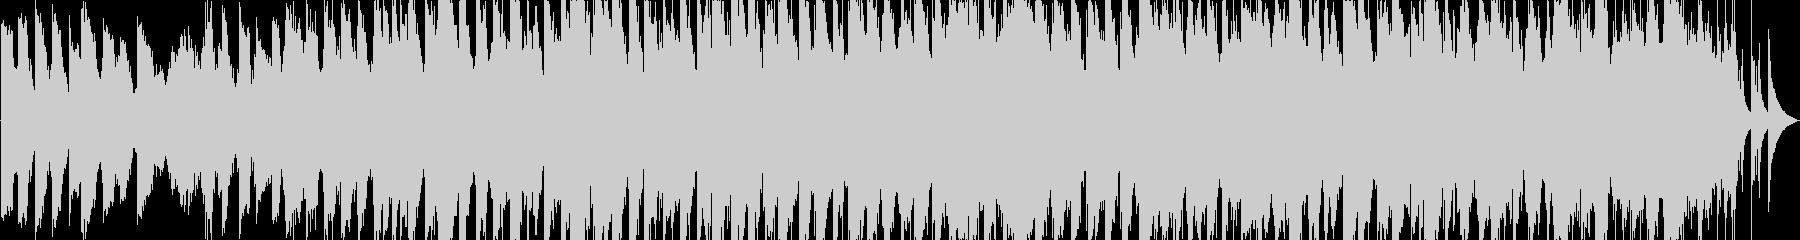 アンビエント風のJpopバラードの未再生の波形